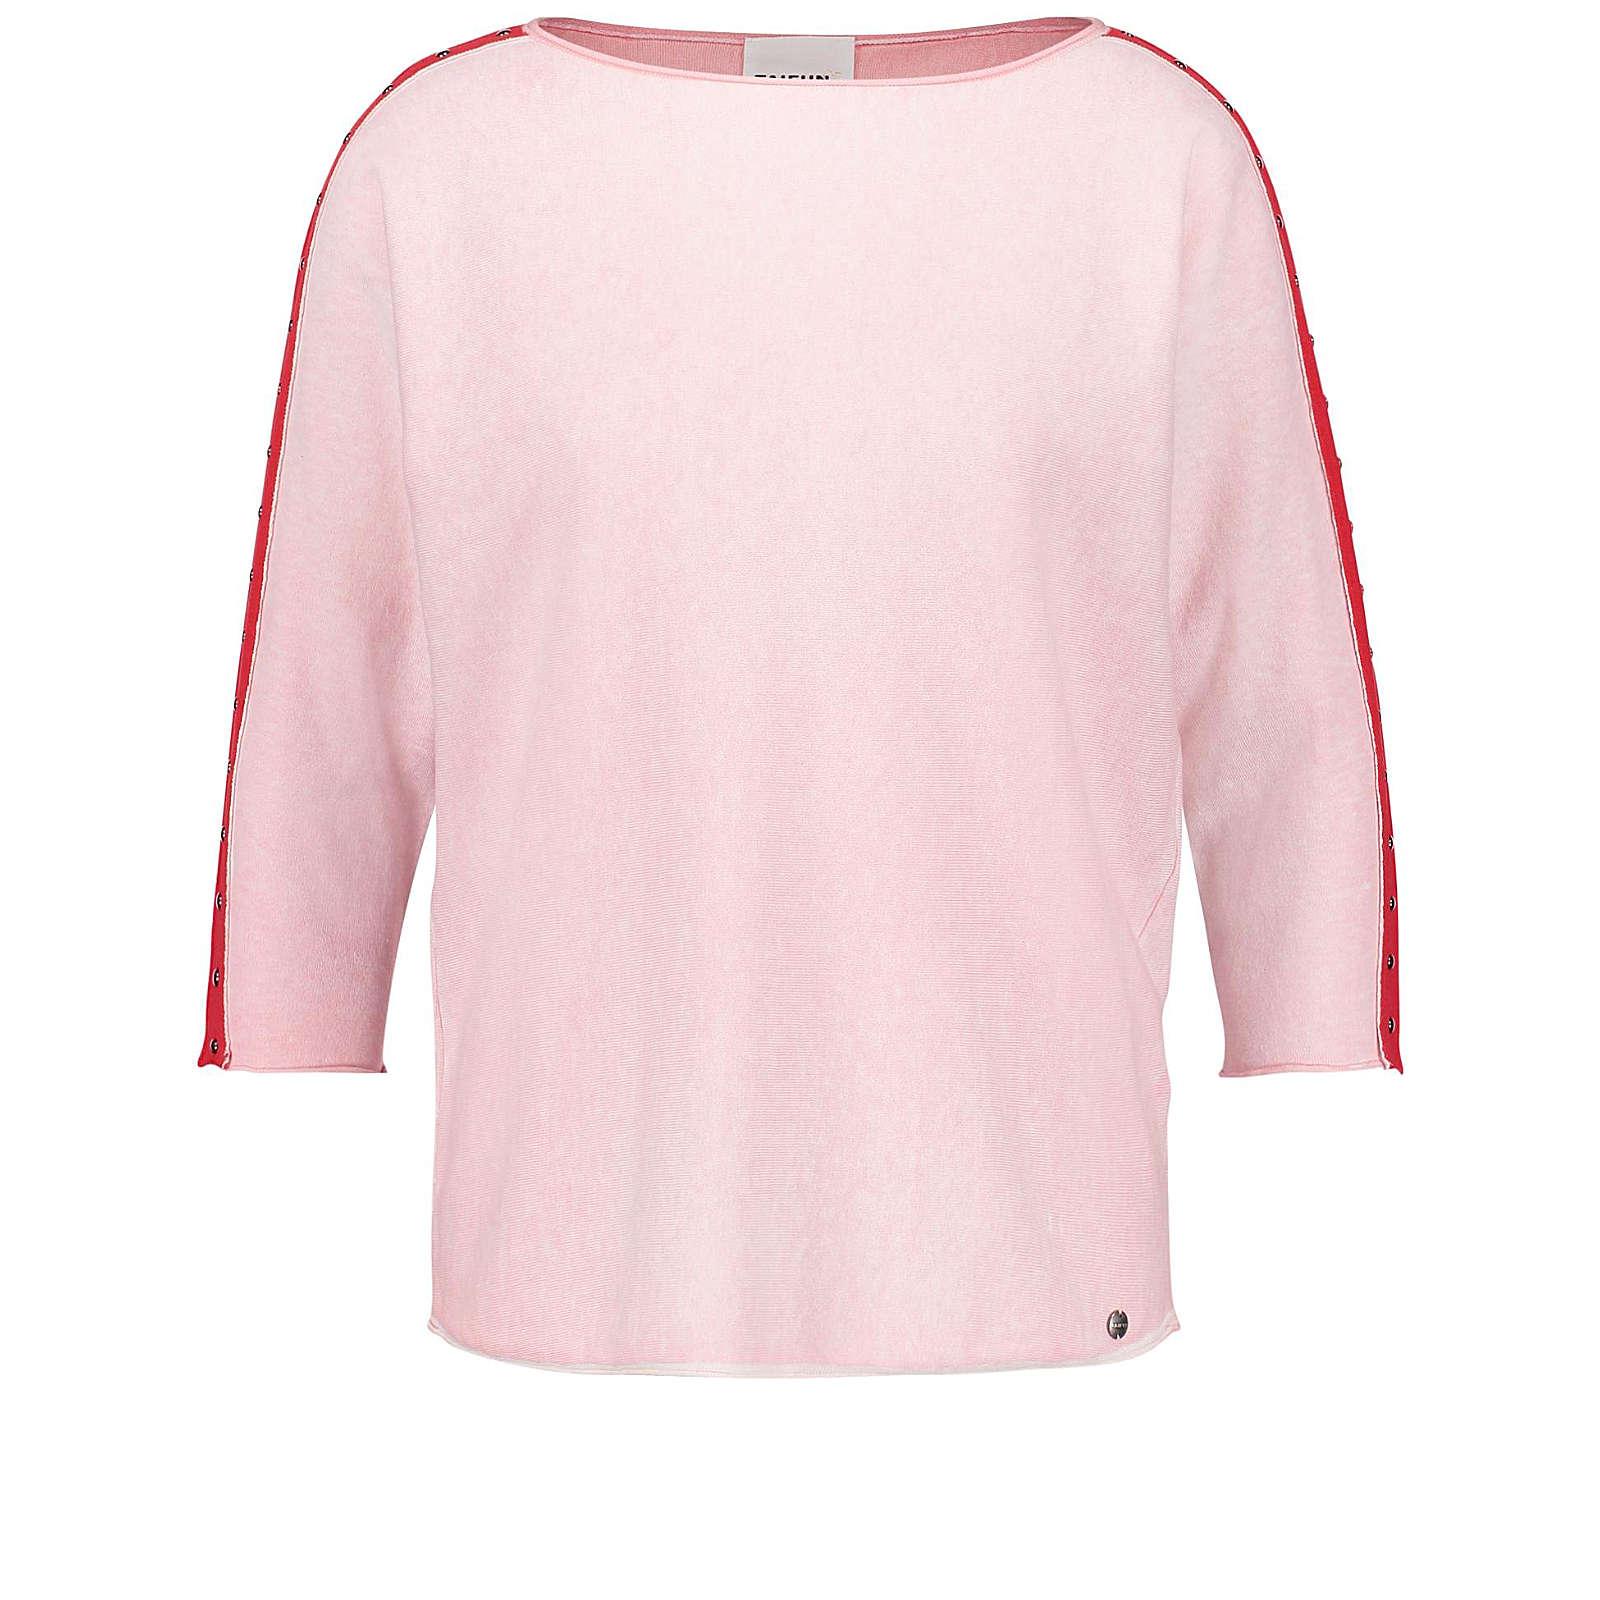 Taifun Pullover 3/4 Arm Rundhals 3/4 Arm Pullover mit Nieten rosa Damen Gr. 40